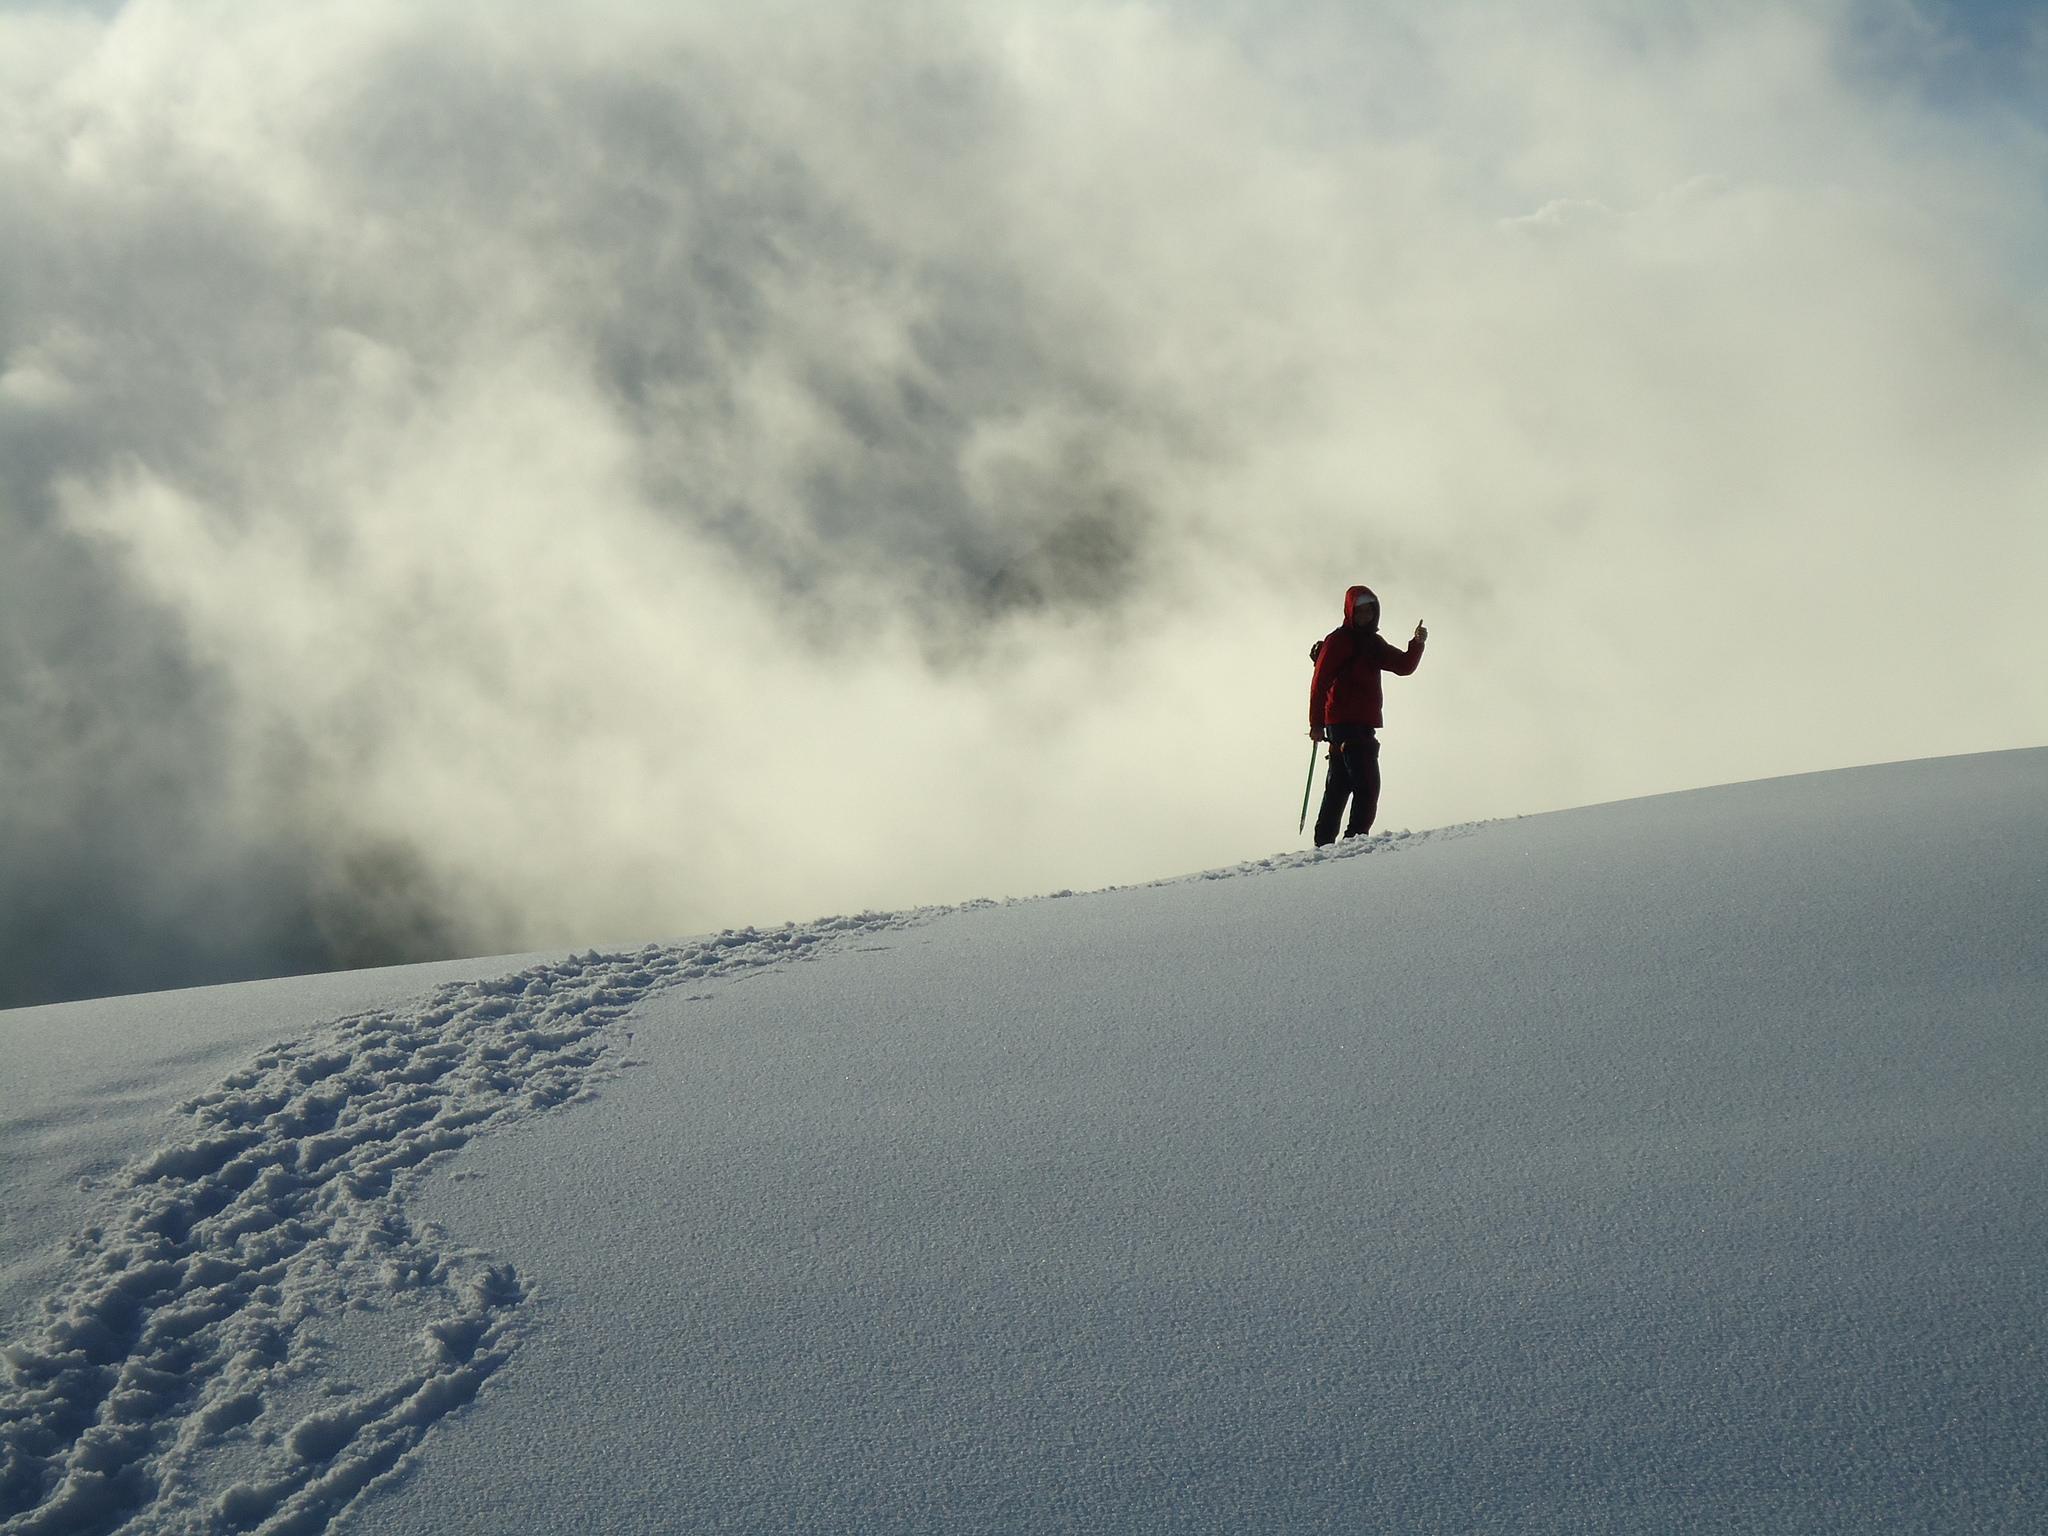 Glaciar del Pico Humboldt. Foto: Wilfredorrh. Licencia: Creative Commons CC BY-NC-ND 2.0